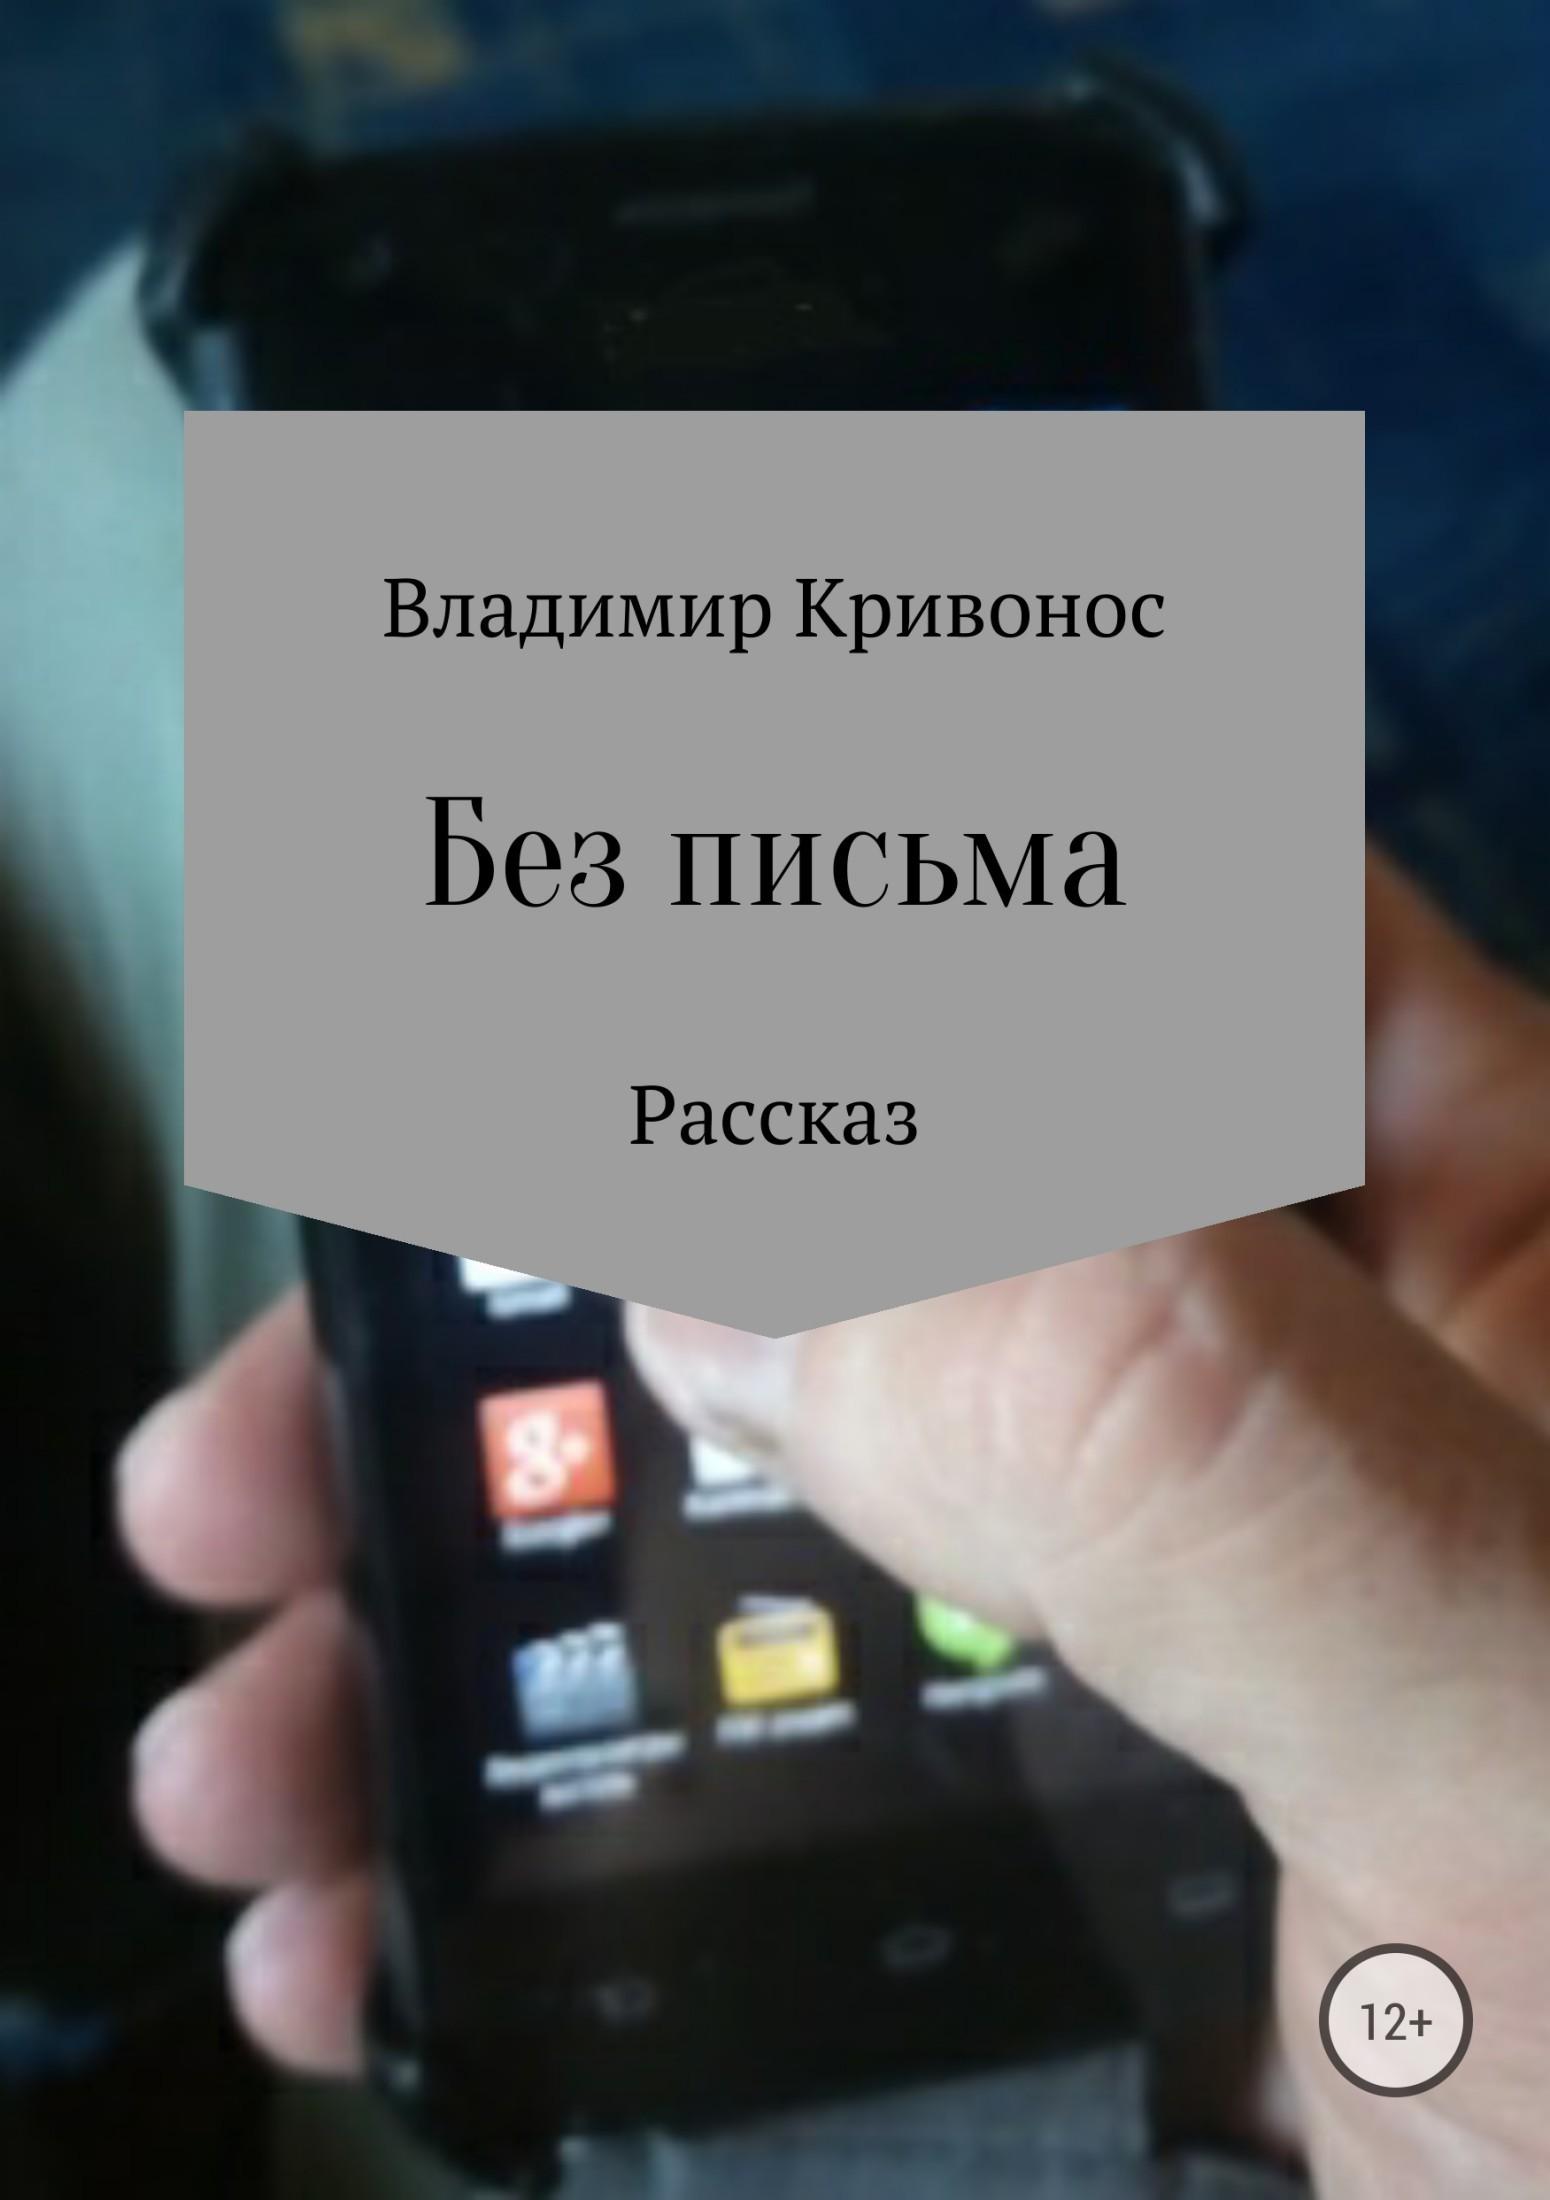 Владимир Кривонос Без письма книги эксмо главные преступления xxi века узнаем ли мы правду